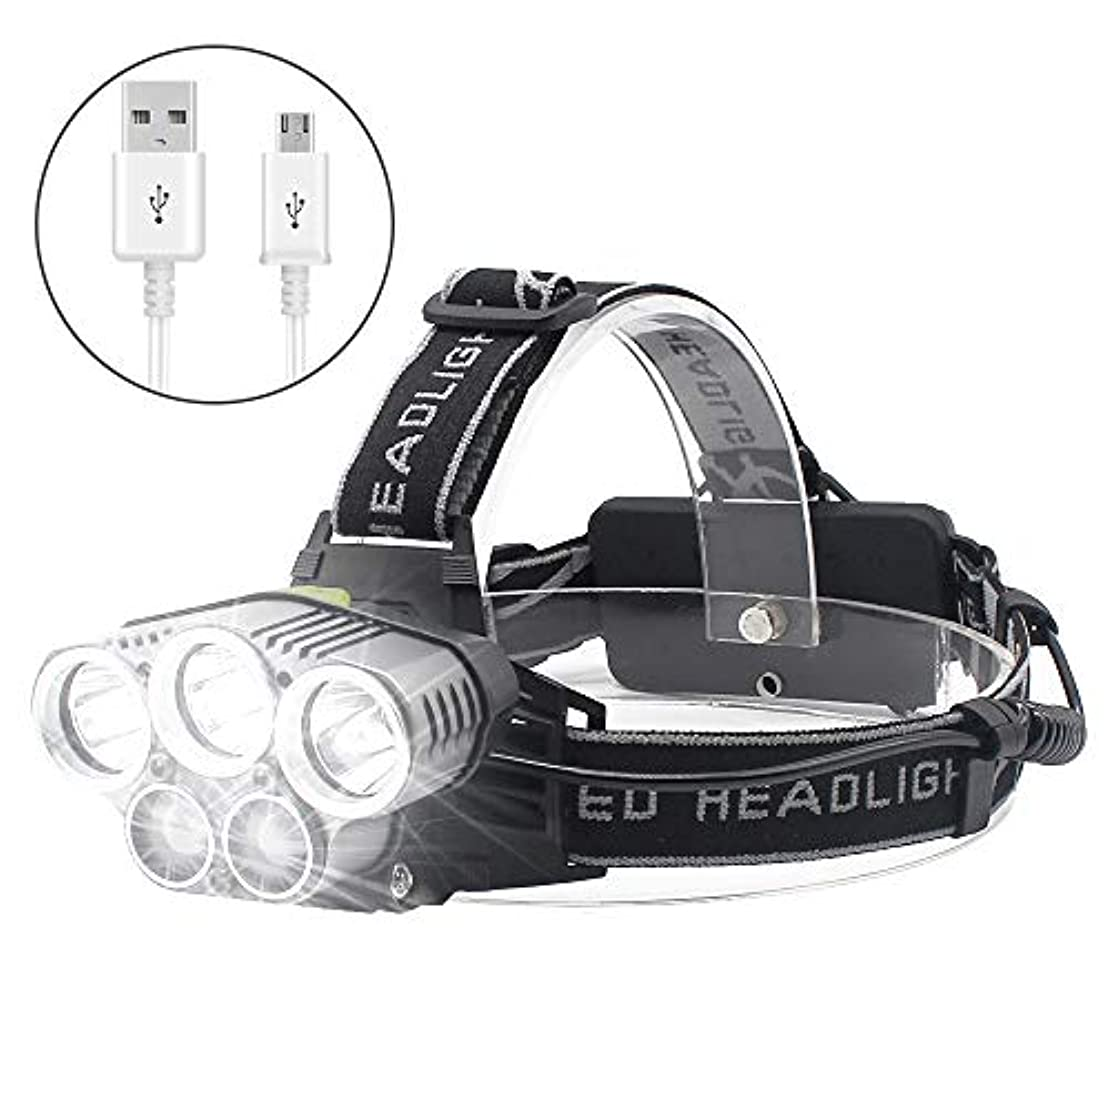 スリップシューズ閉じる不均一ヘッドライト USB充電式 LEDヘッドランプ 超高輝度 8000ルーメン 防水 6点灯モード 18650バッテリー付属 SOSフラッシュ機能 アウトドア照明 登山 夜釣り 夜間作業